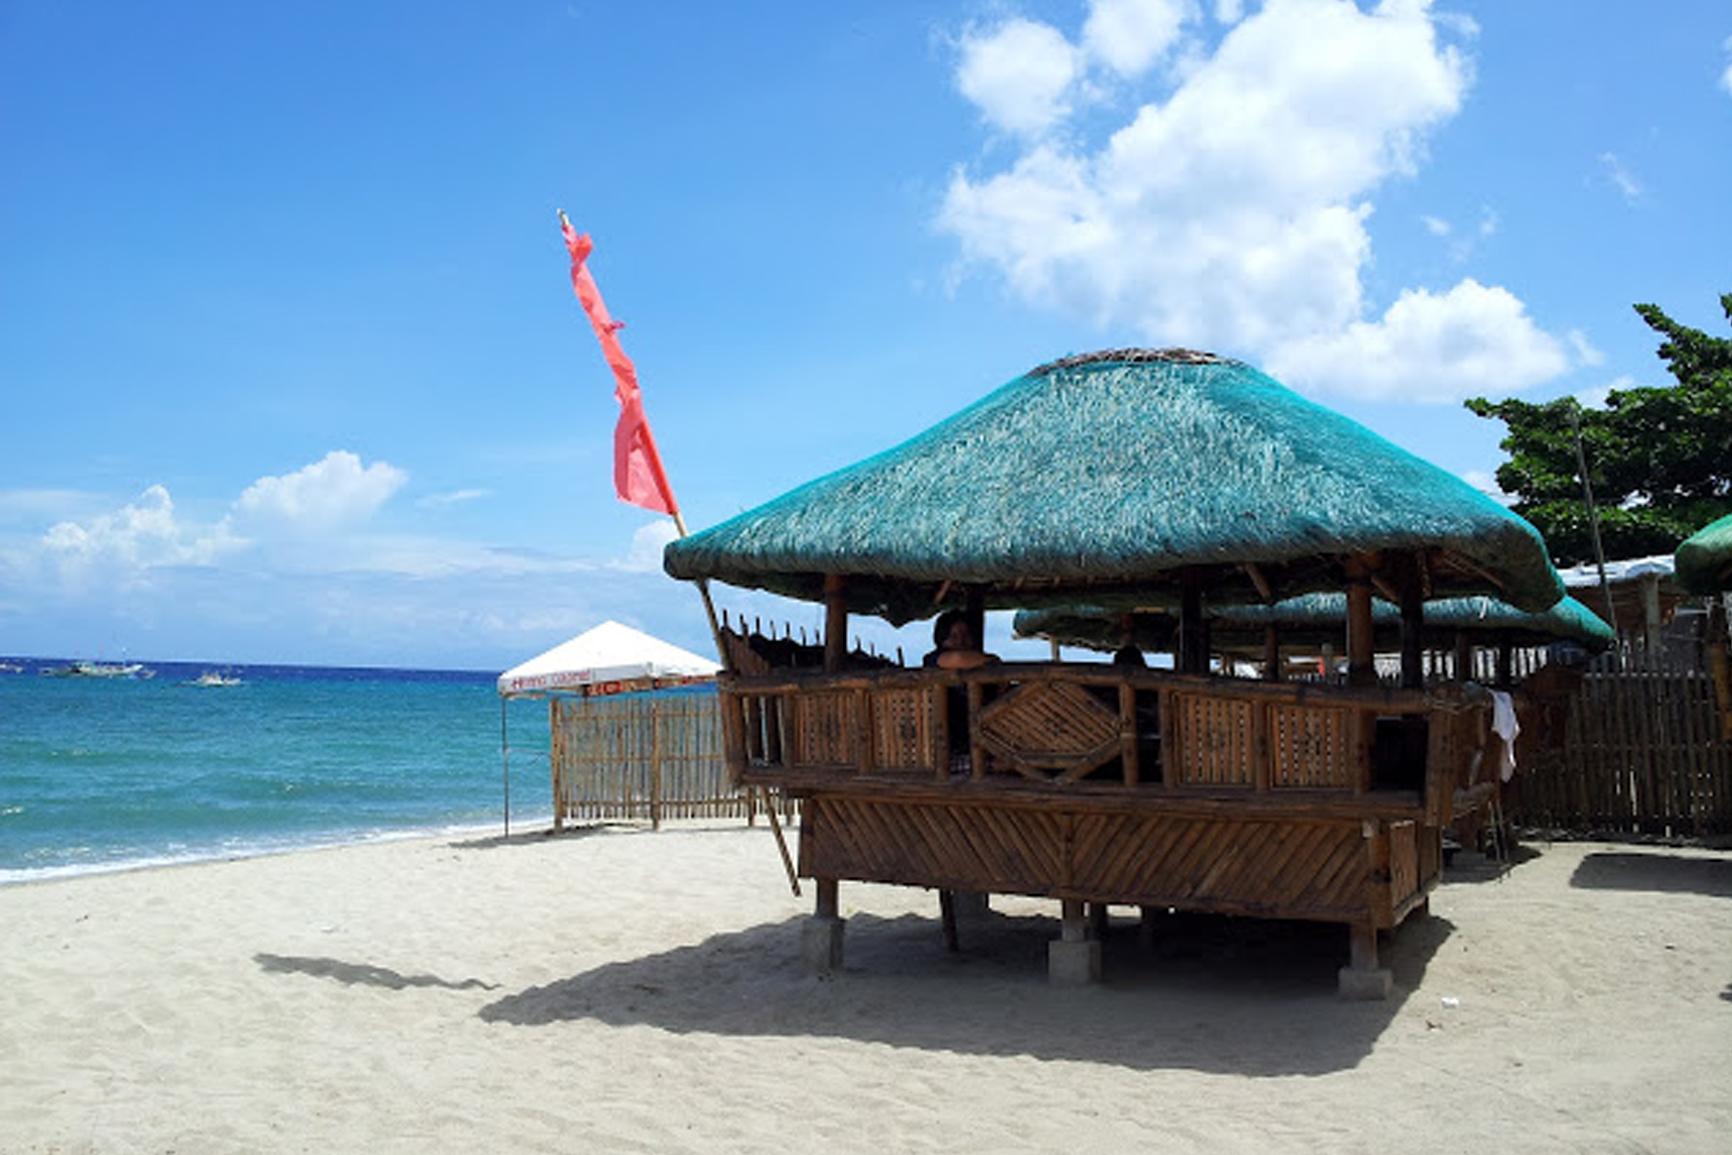 Accommodation Rates at Laiya Moon Palace II Beach Resort